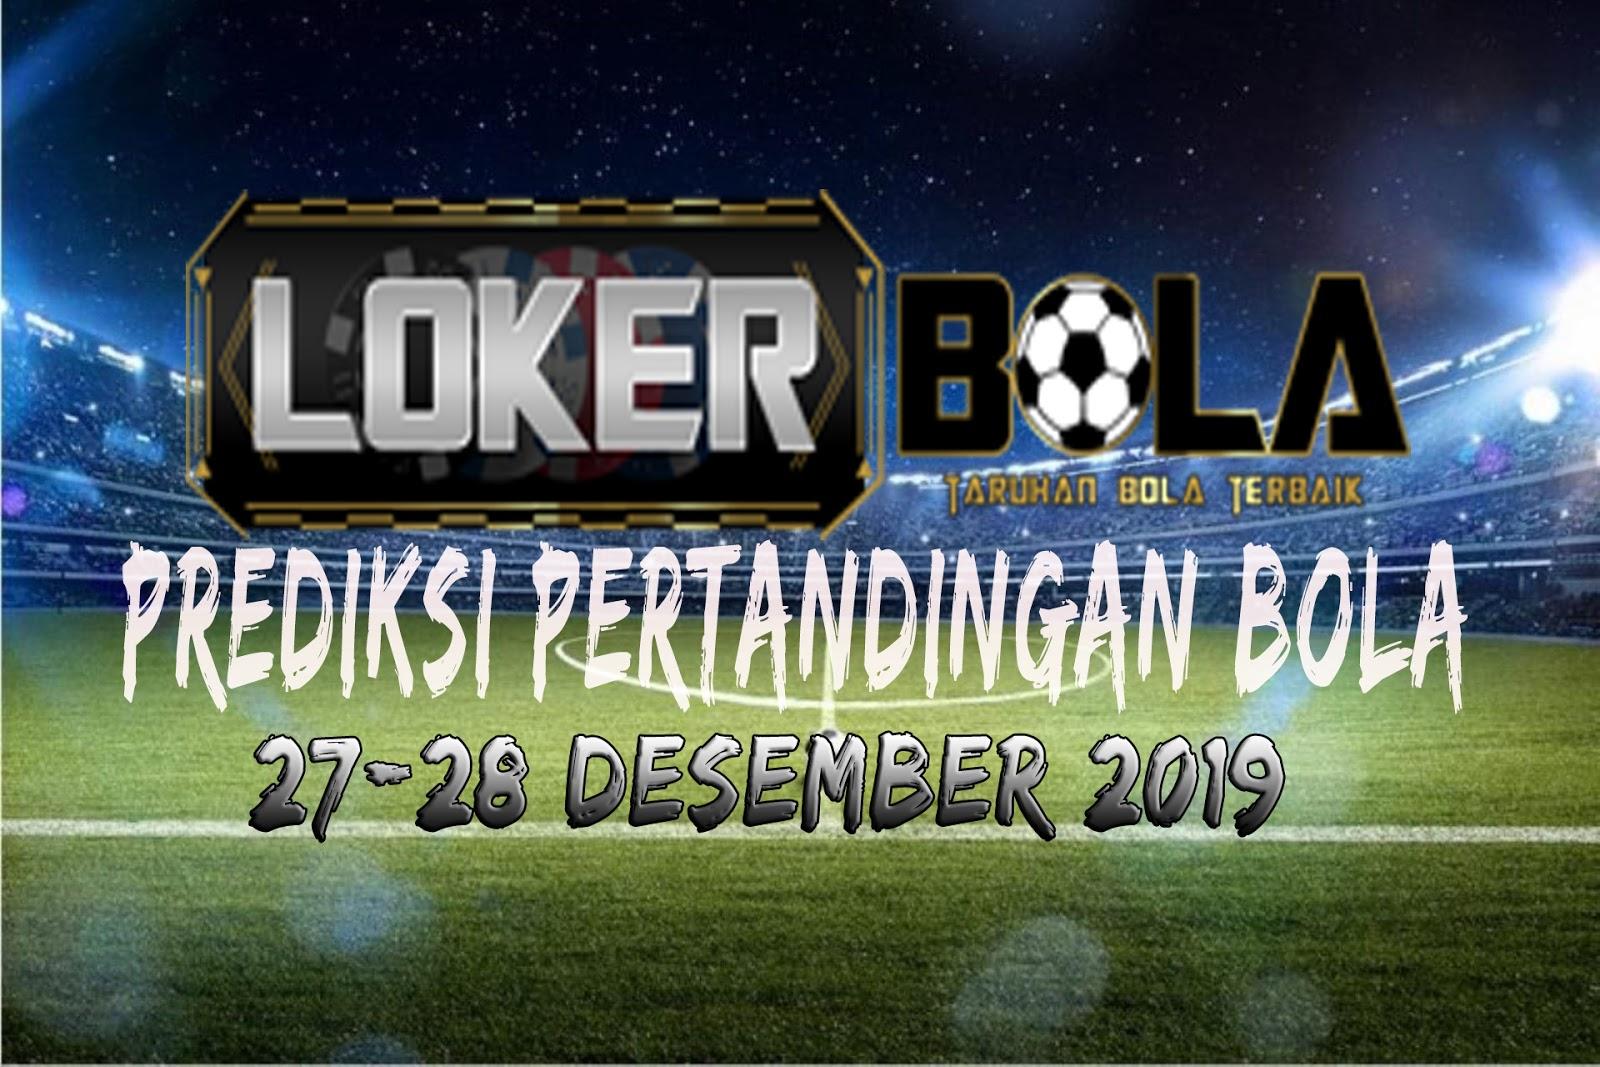 PREDIKSI PERTANDINGAN BOLA 27 – 28 DESEMBER 2019